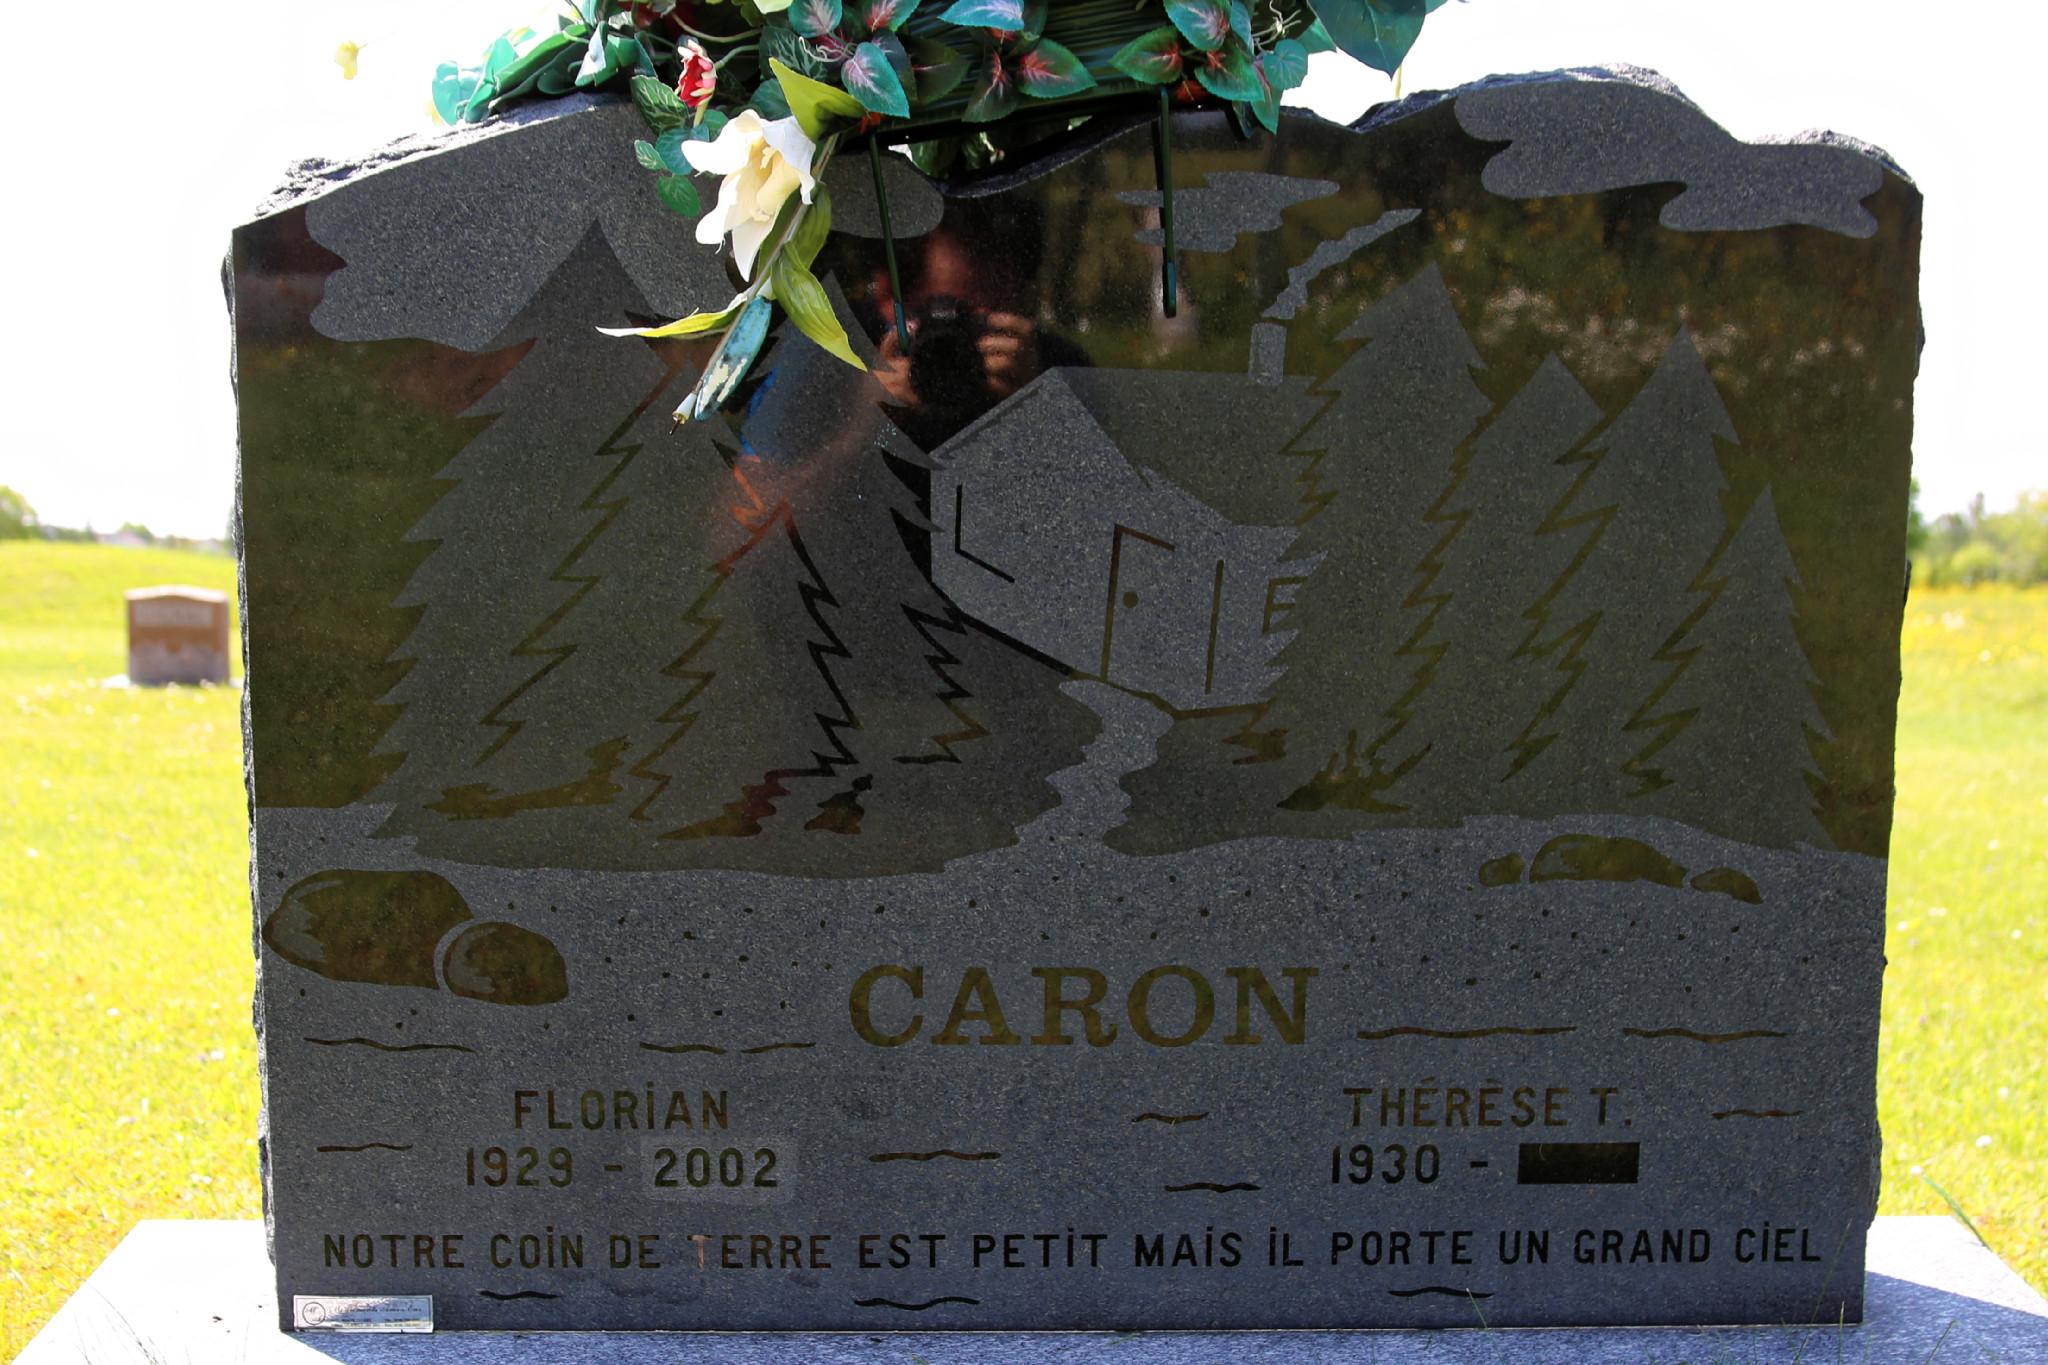 Florian Caron